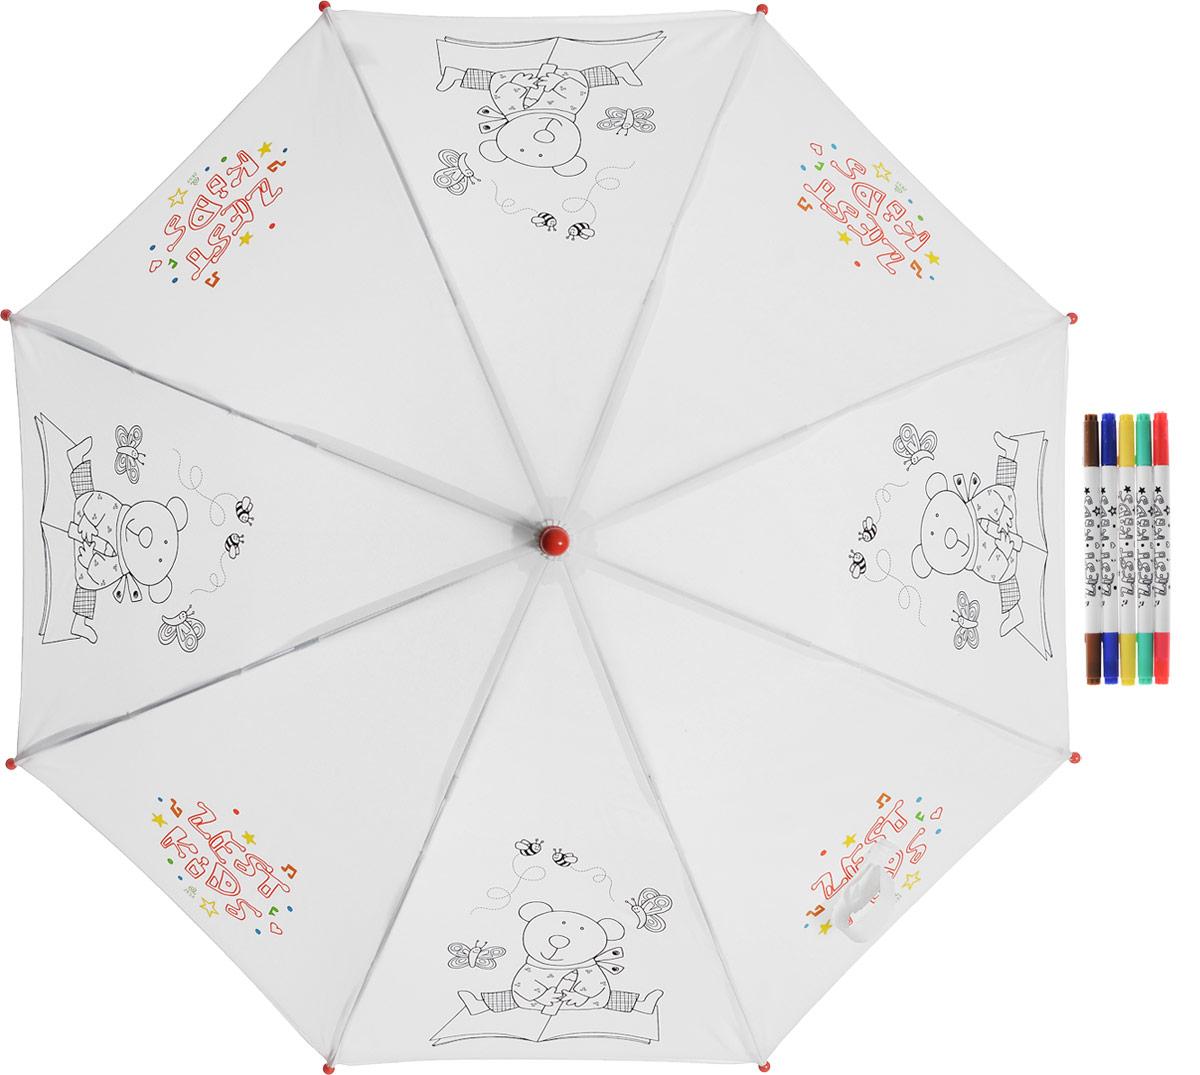 Зонт детский Zest, механический, трость, цвет: белый, черный. 21581-25521581-255Детский зонт-трость РАСКРАСКА с фломастерами в комплекте. Зонт-раскраска будет притным подарком, который не только защитит малыша от непогоды, но и даст возможность стать настоящим маленьким художником.